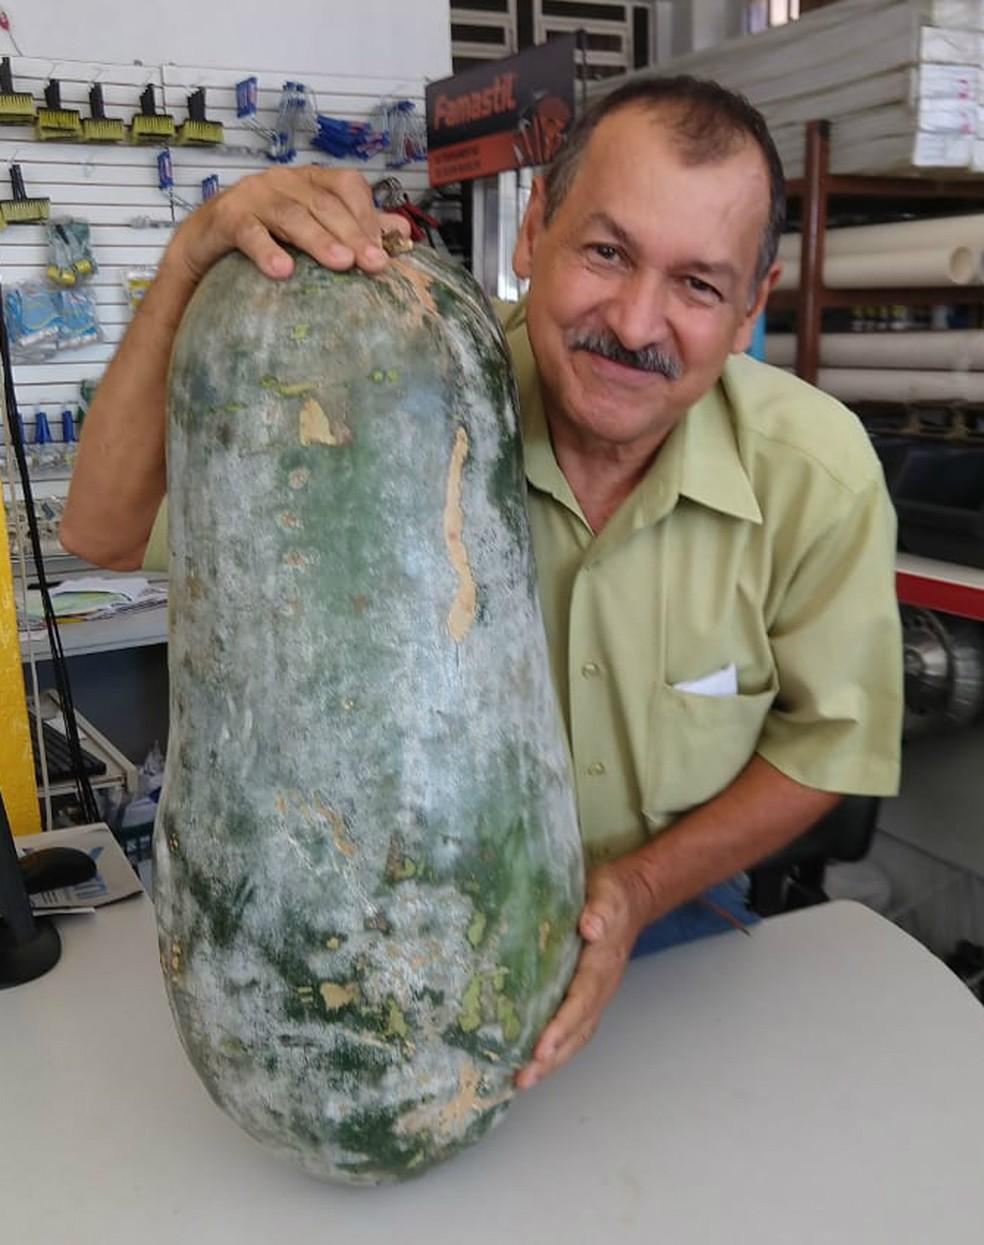 O empresário Chico Neto exibe orgulhoso o pepino de 41 kg e 73 centímetros que produziu no sítio em Santa Tereza do Oeste (Foto: Arquivo Pessoal)